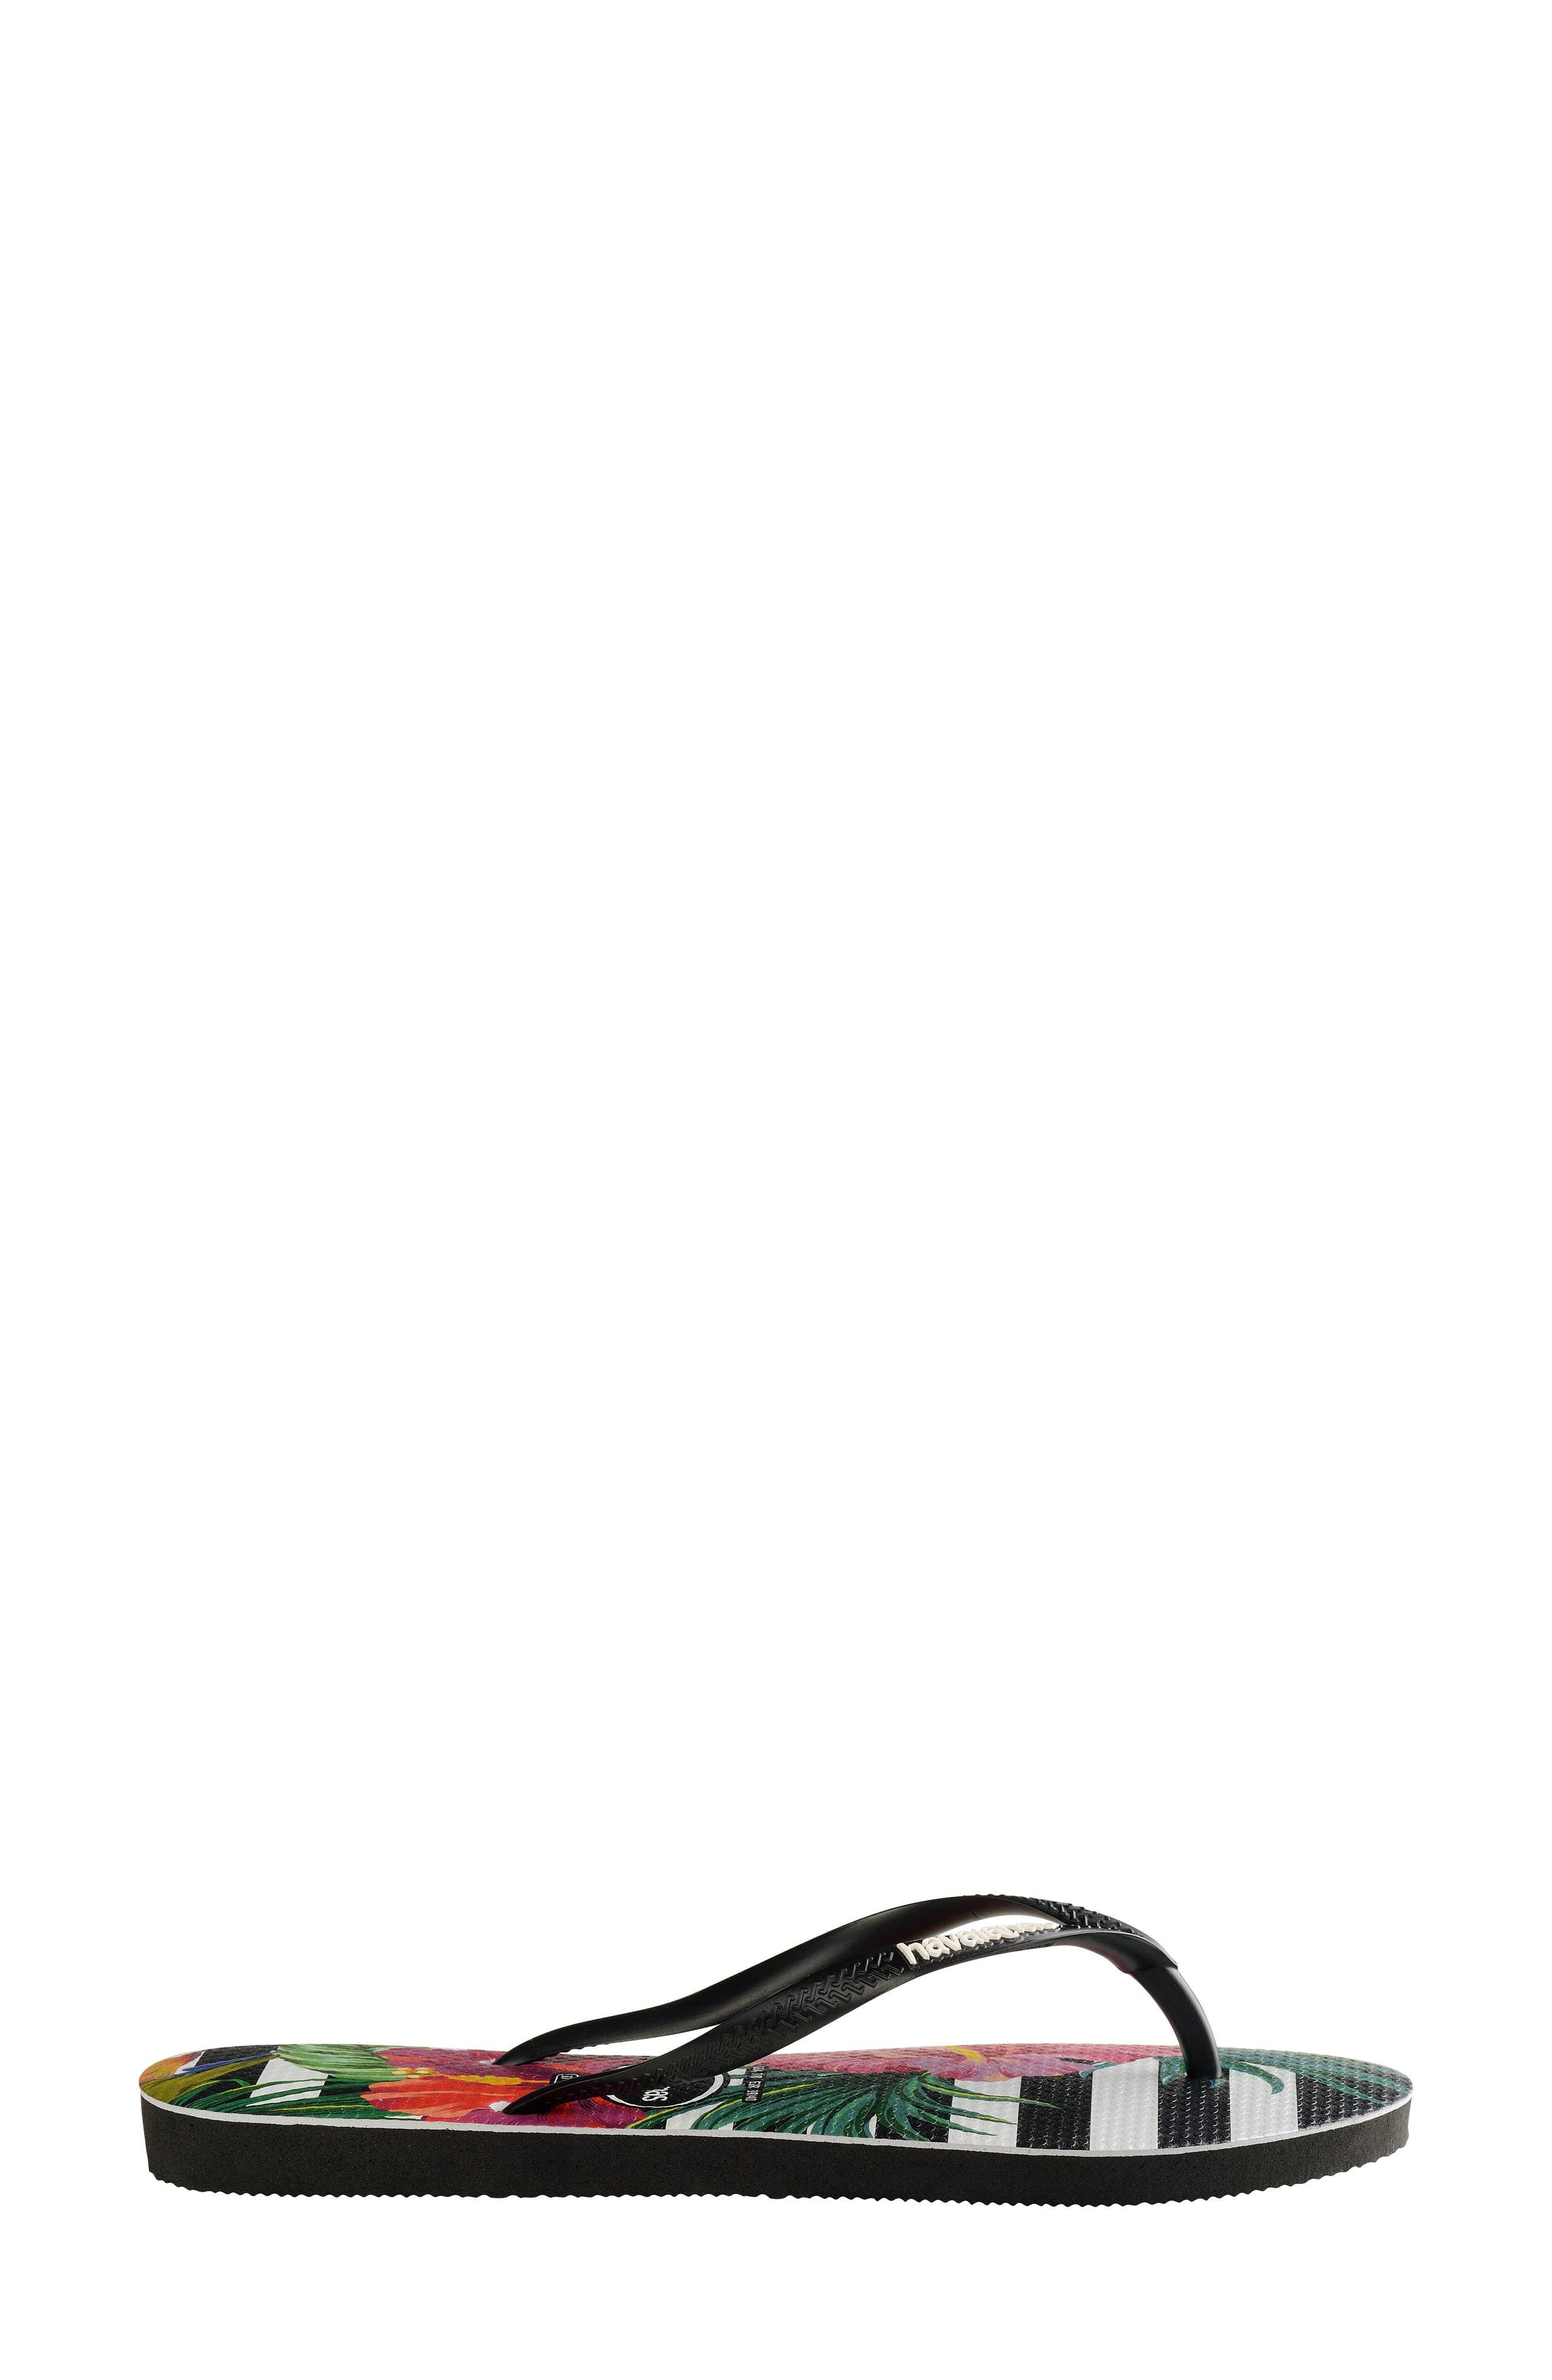 HAVAIANAS, Slim Tropical Floral Flip Flop, Alternate thumbnail 4, color, BLACK/ WHITE